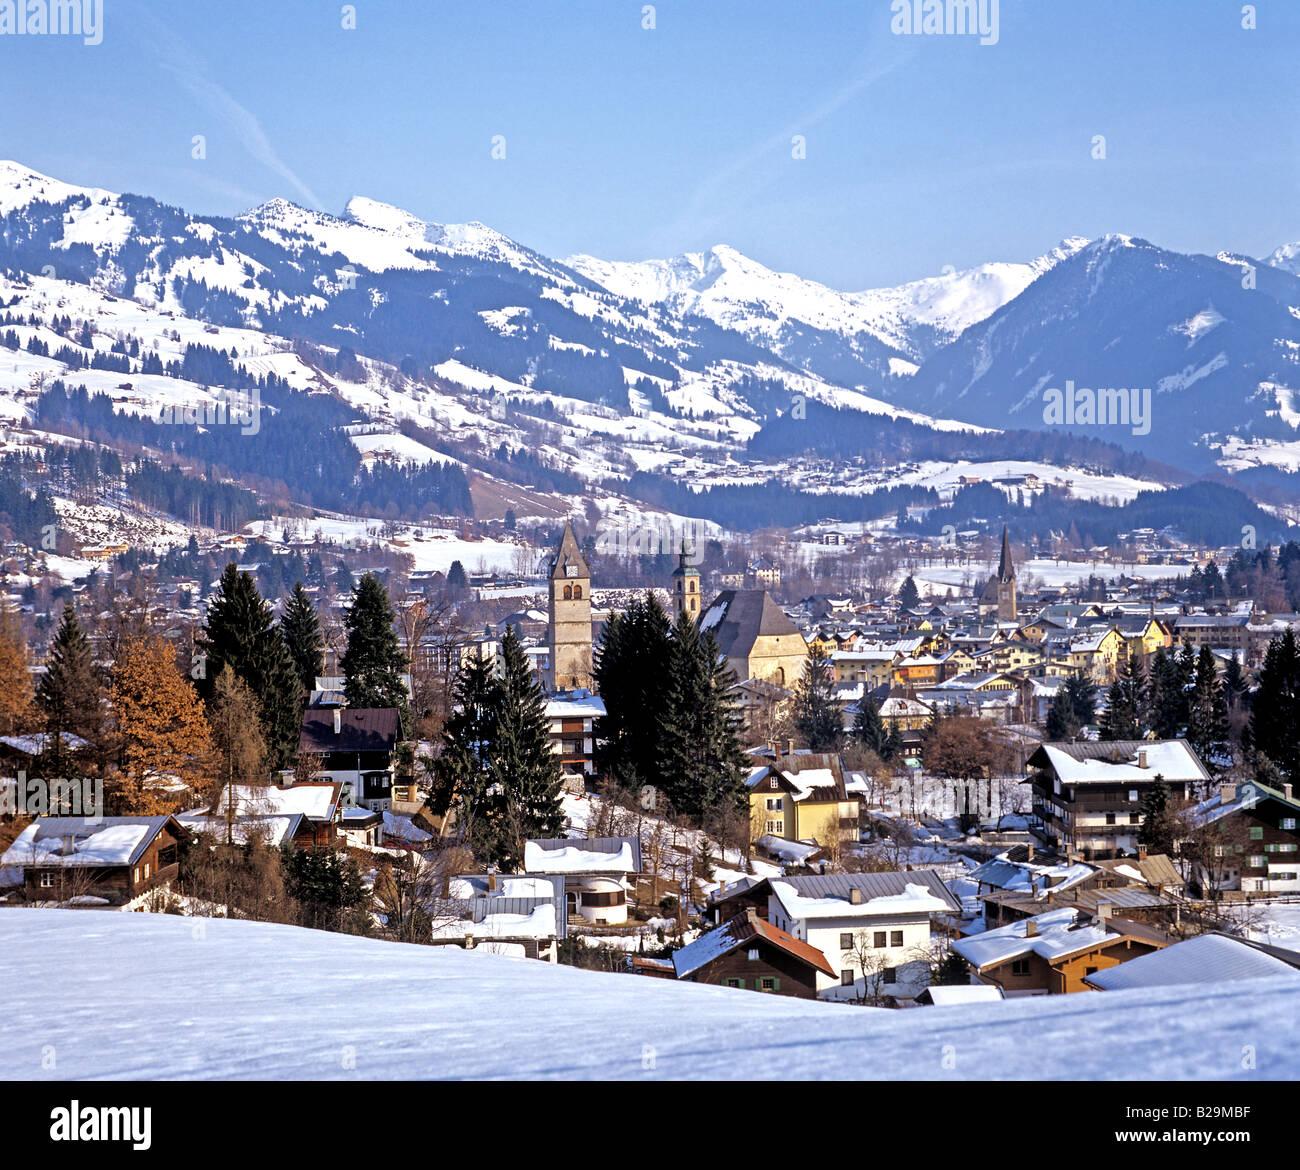 Kitzbuhel Tirol Austria Ref WP STRANGE 3625 COMPULSORY CREDIT World Pictures Photoshot - Stock Image